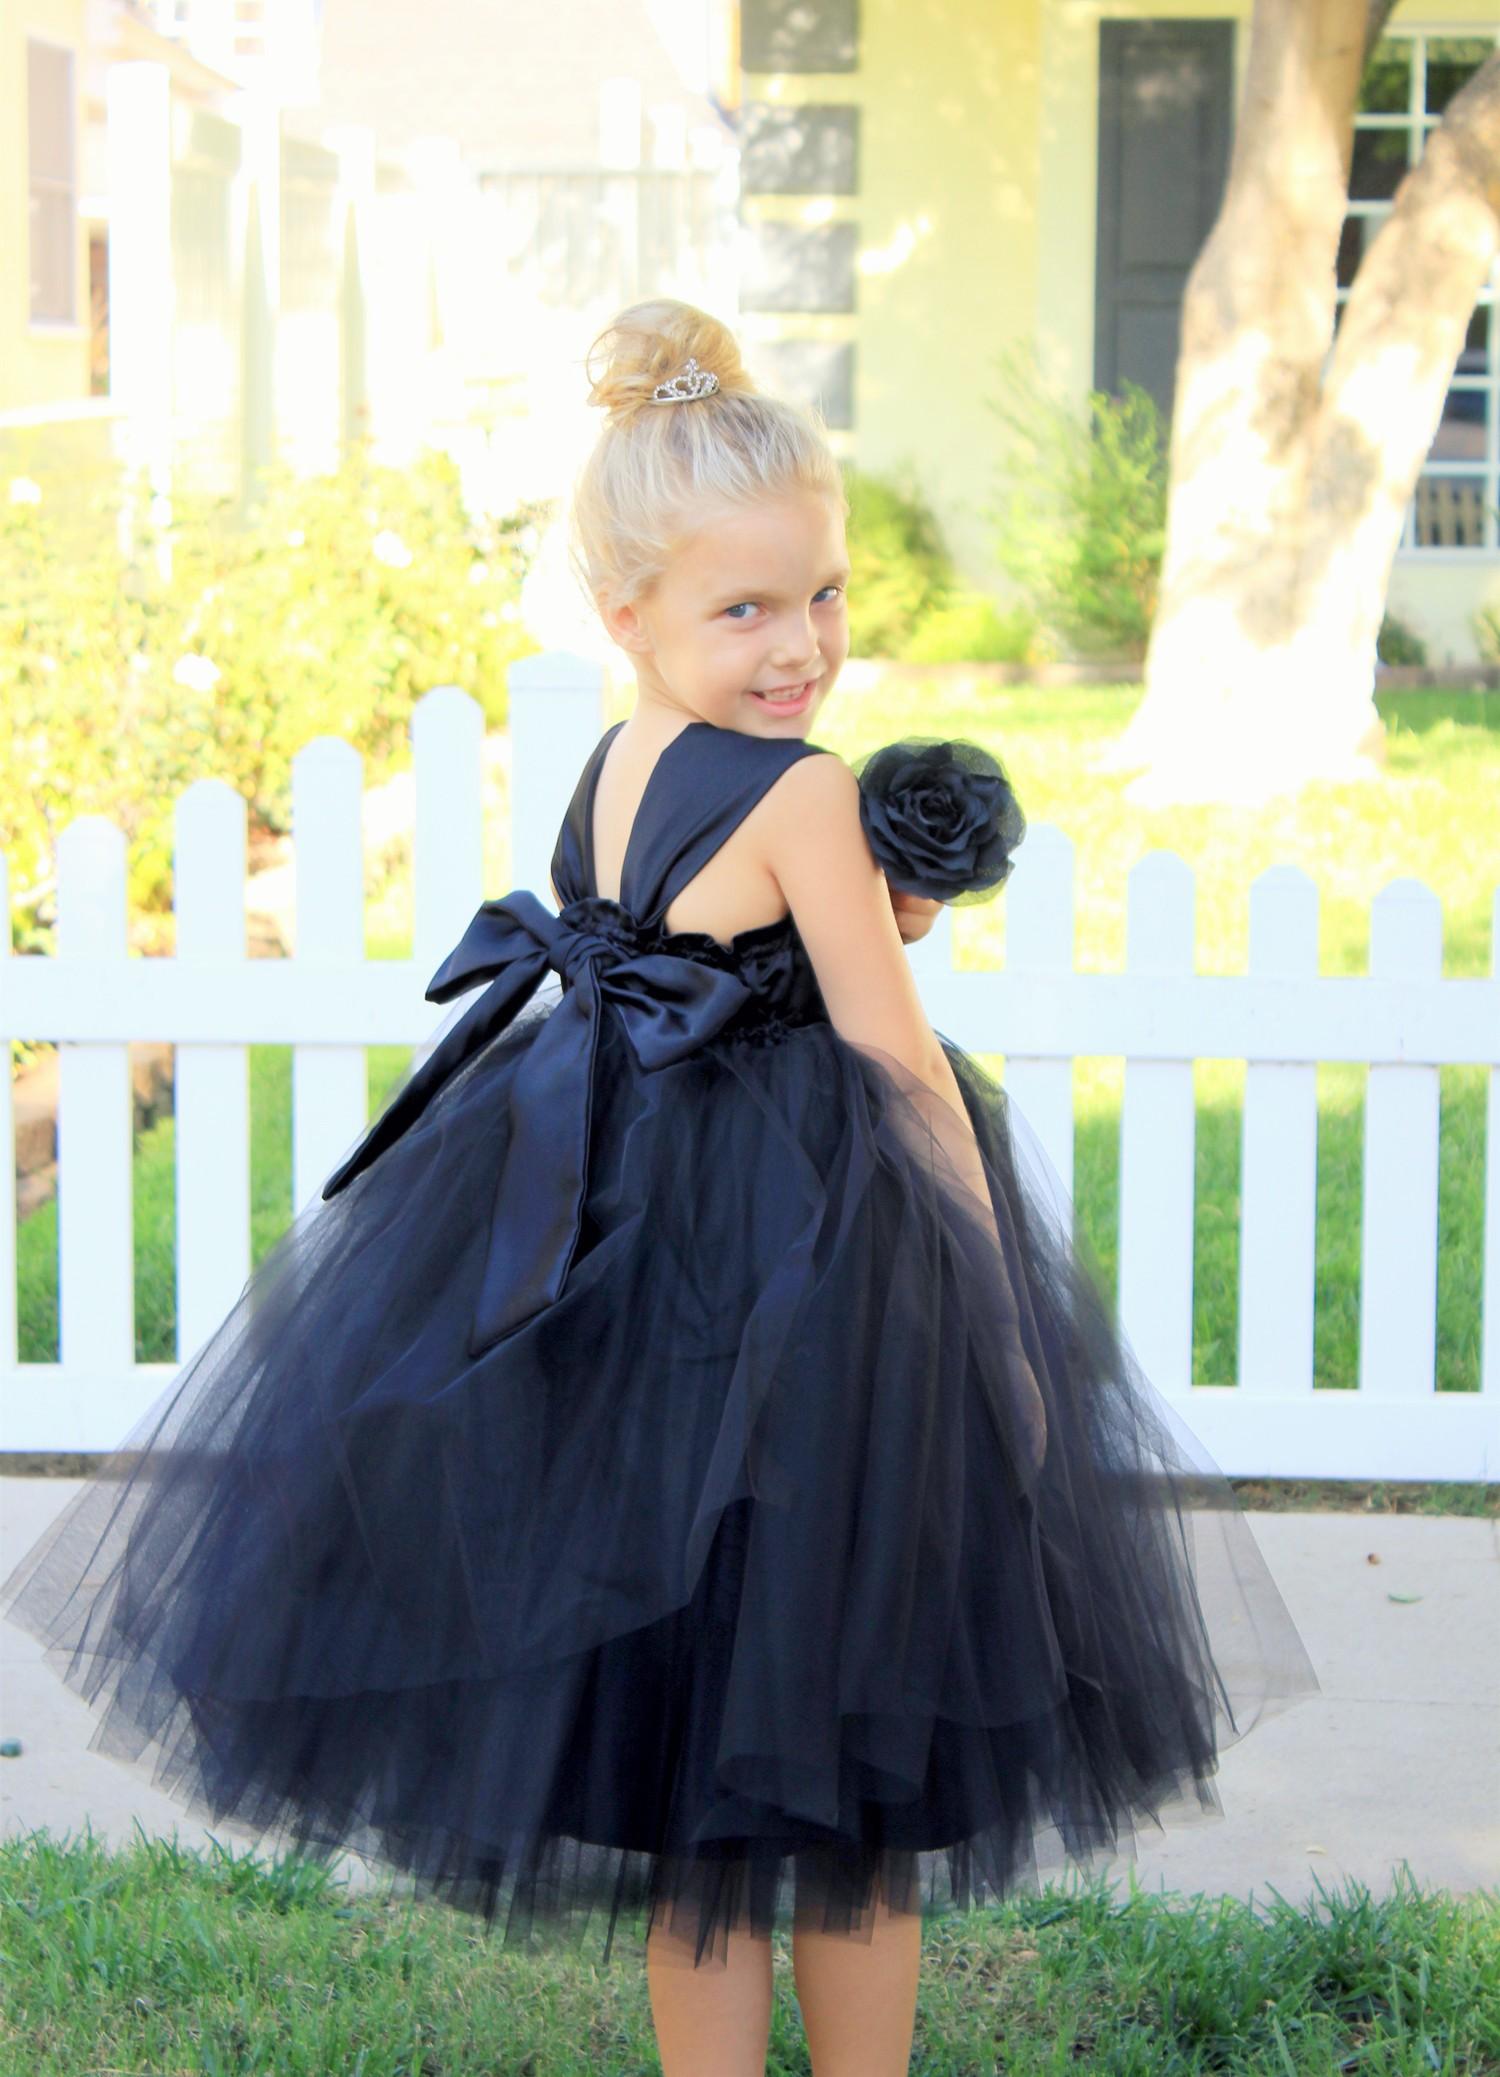 Black Sweetheart Neck Top Tutu Flower Girl Dress 201